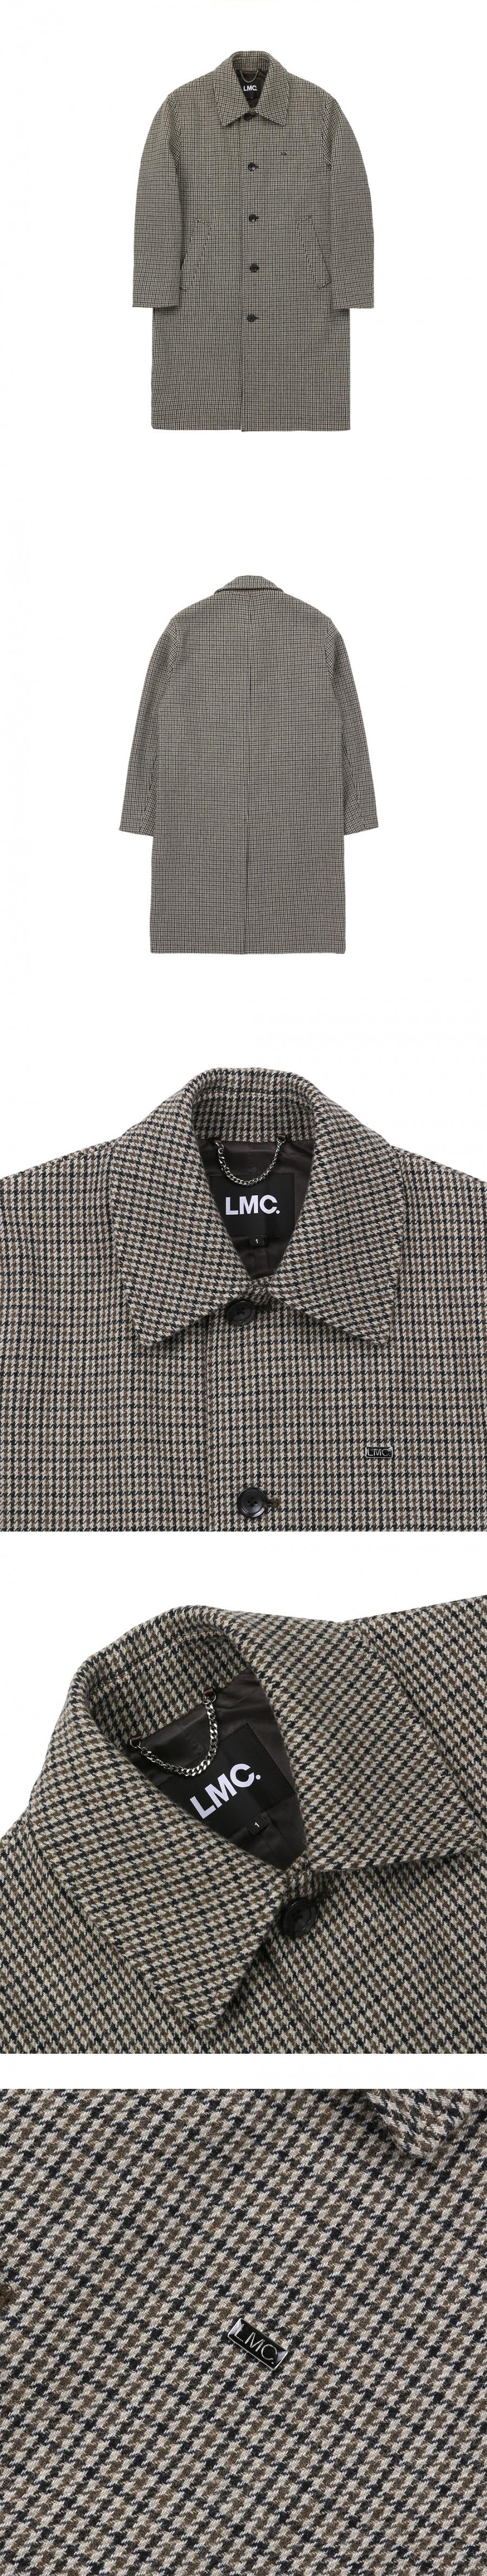 엘엠씨(LMC) LMC CLASSIC SINGLE COAT brown